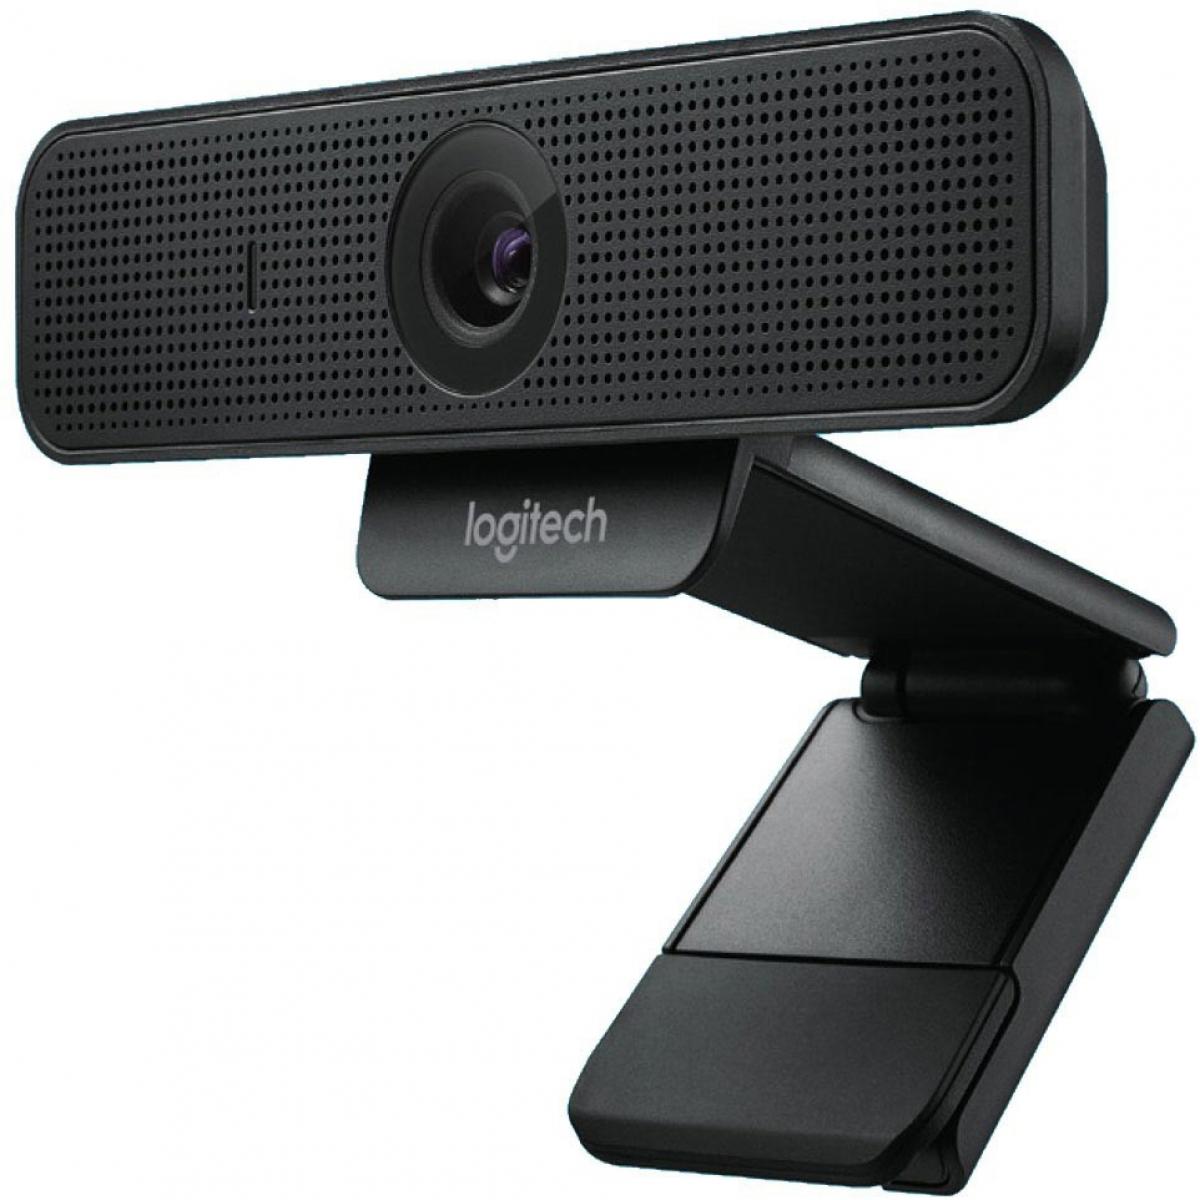 Webcam Logitech C925E RightLight 2 Full HD 1080p 30fps